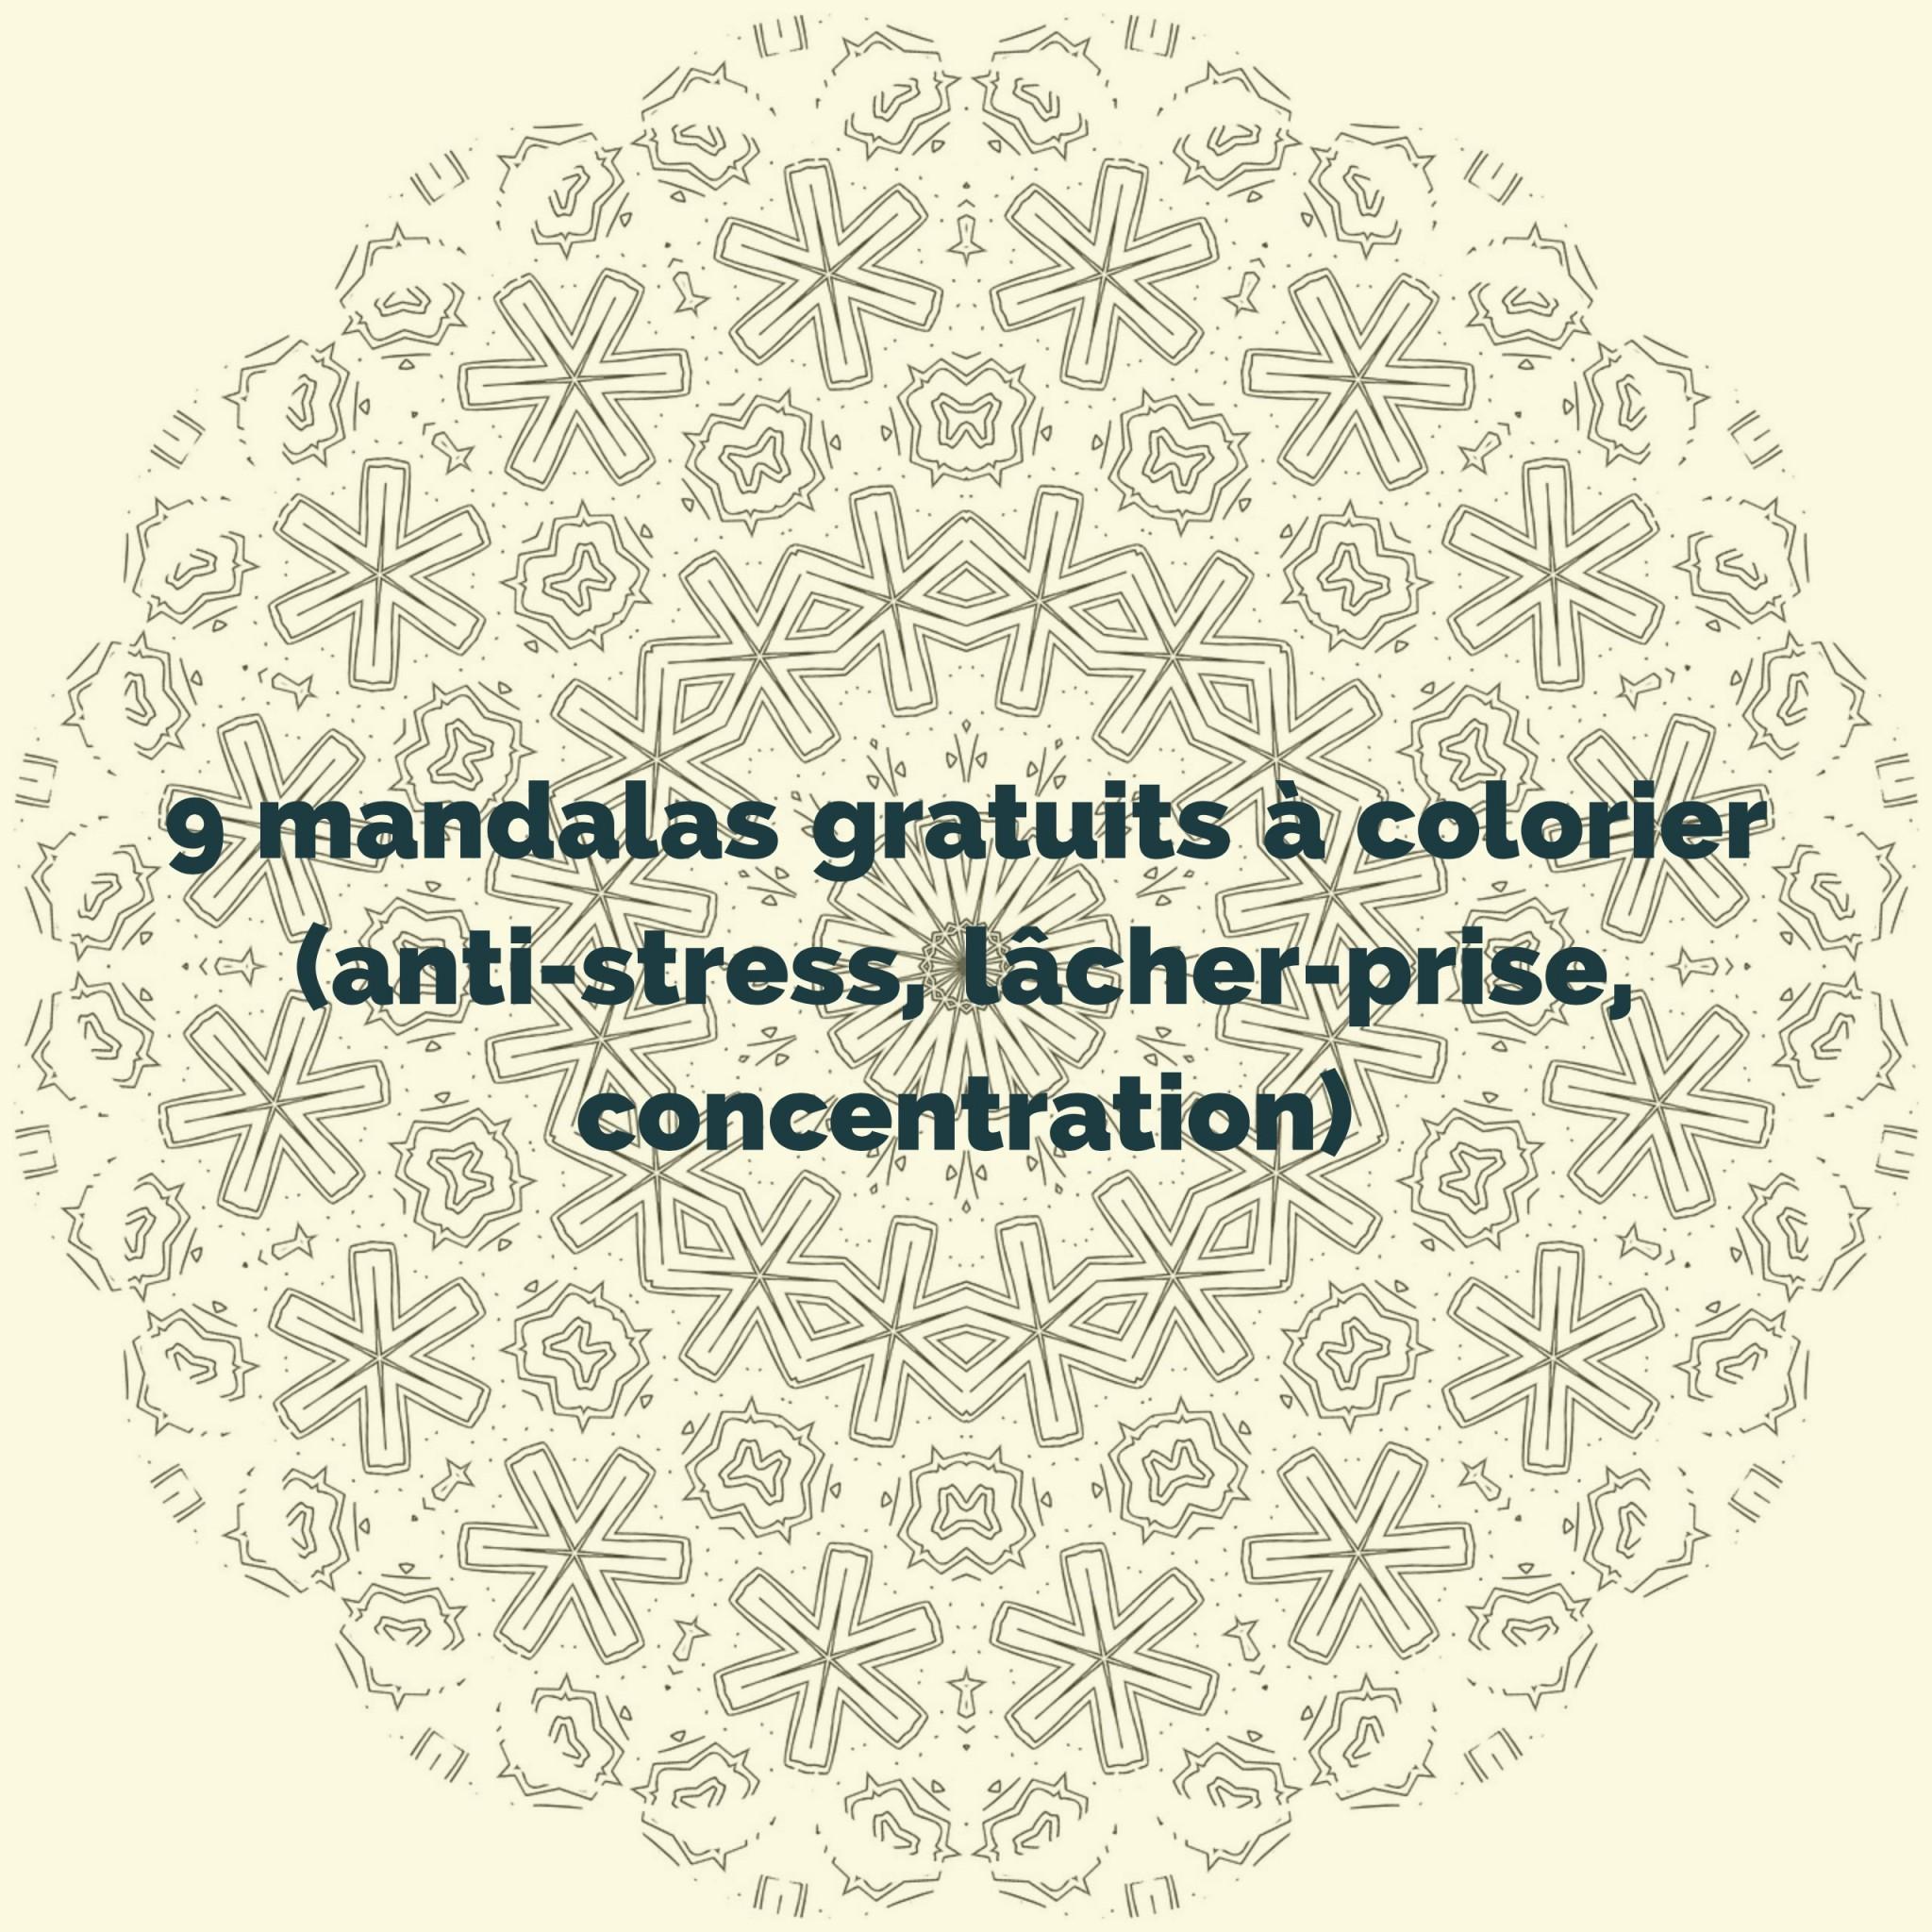 32 mandalas gratuits à colorier anti stress, lâcher prise ...